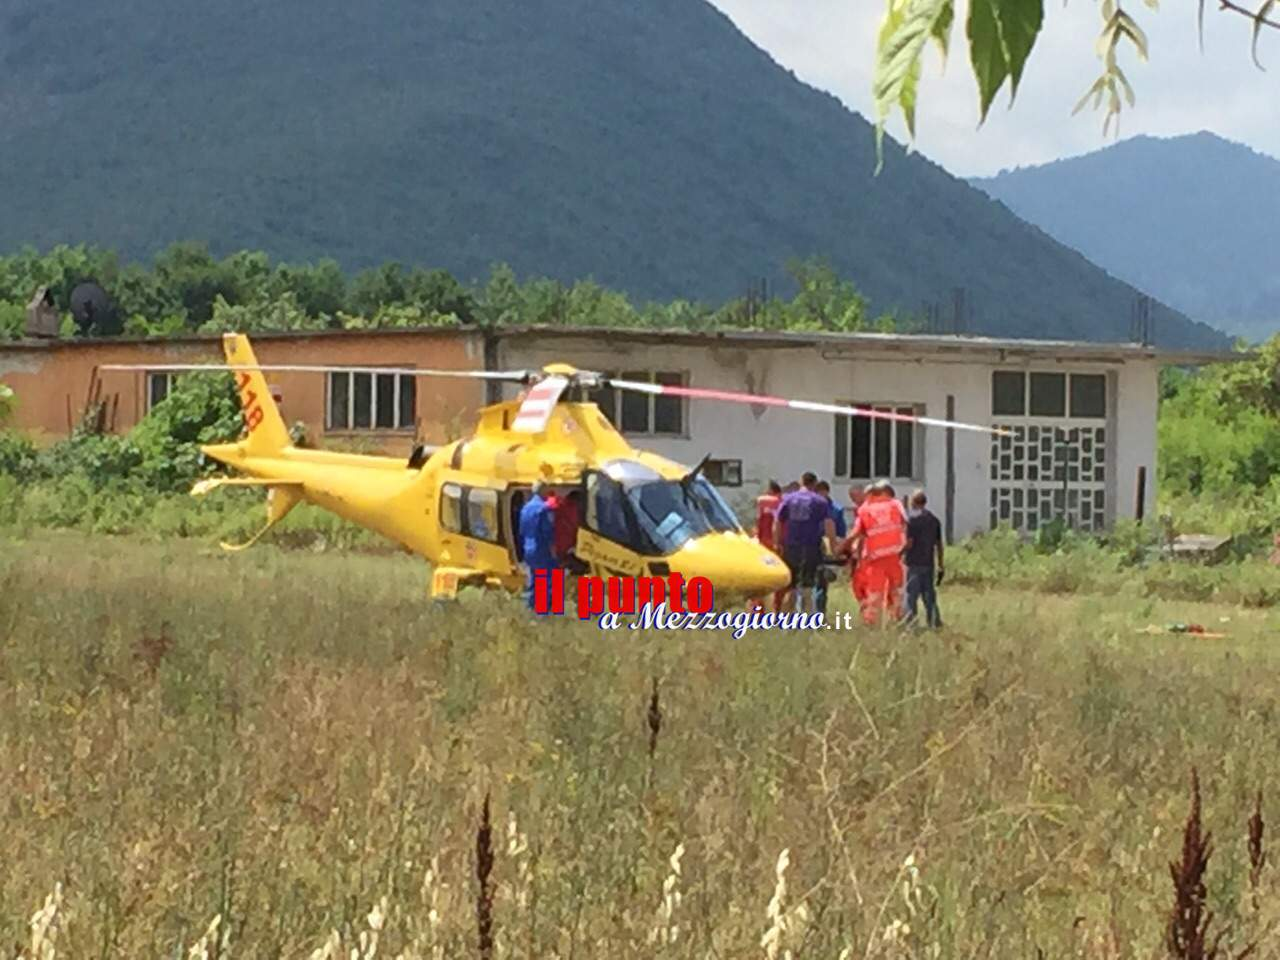 Infortunio sul lavoro a Monte S. Giovanni C., grave elettricista caduto dalla scala